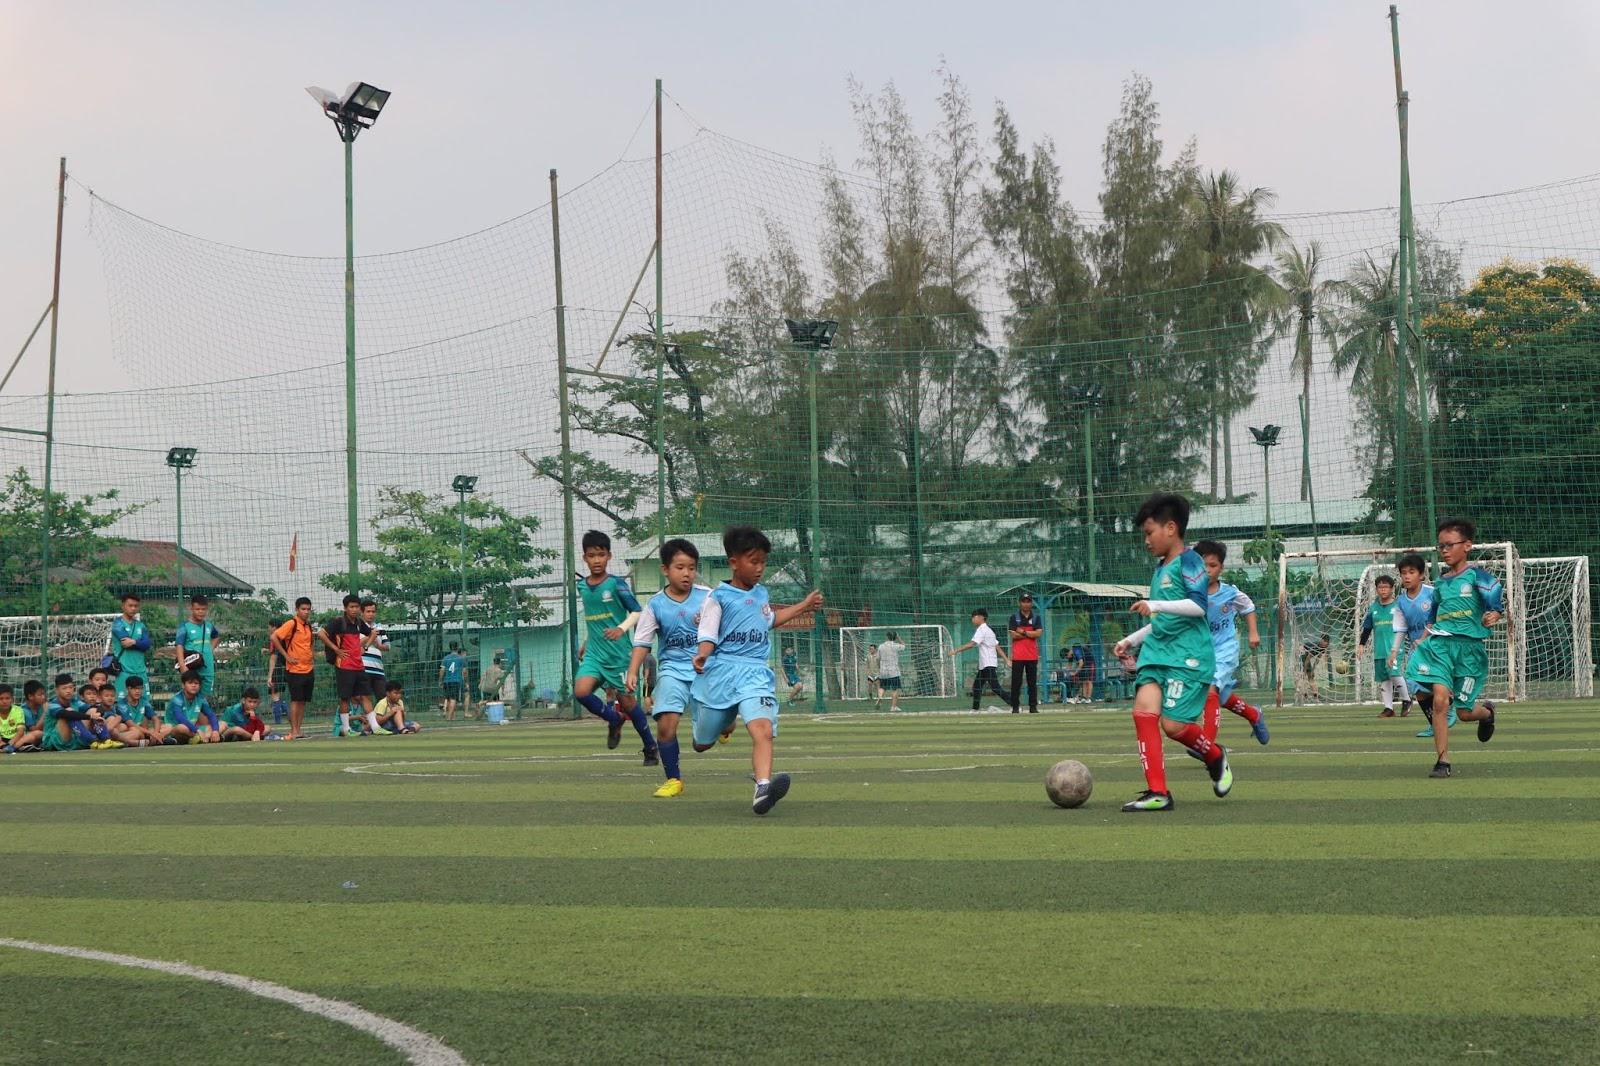 Sân bóng đá Thành Phát nằm ở địa chỉ số 2 Hoàng Minh Giám, Cầu Giấy, Hà Nội